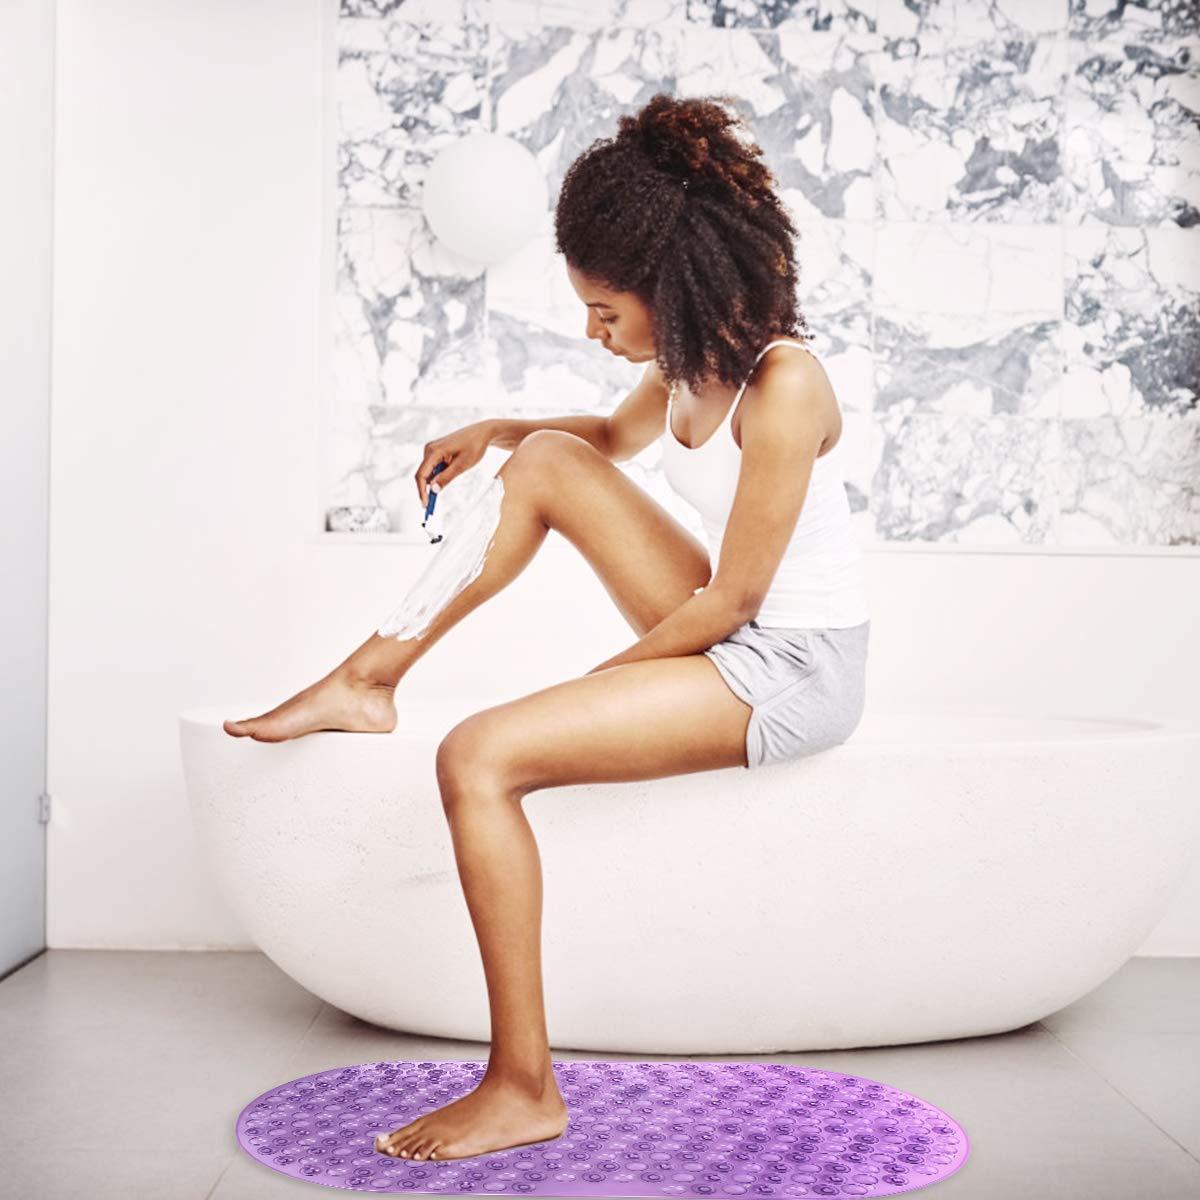 RenFox Badewannenmatte rutschfeste Badewanneneinlage Badematte Duschmatte mit Saugn/äpfen Badewanne Dusche Kinder Lang Shower Mat 72 x 36 cm Lila